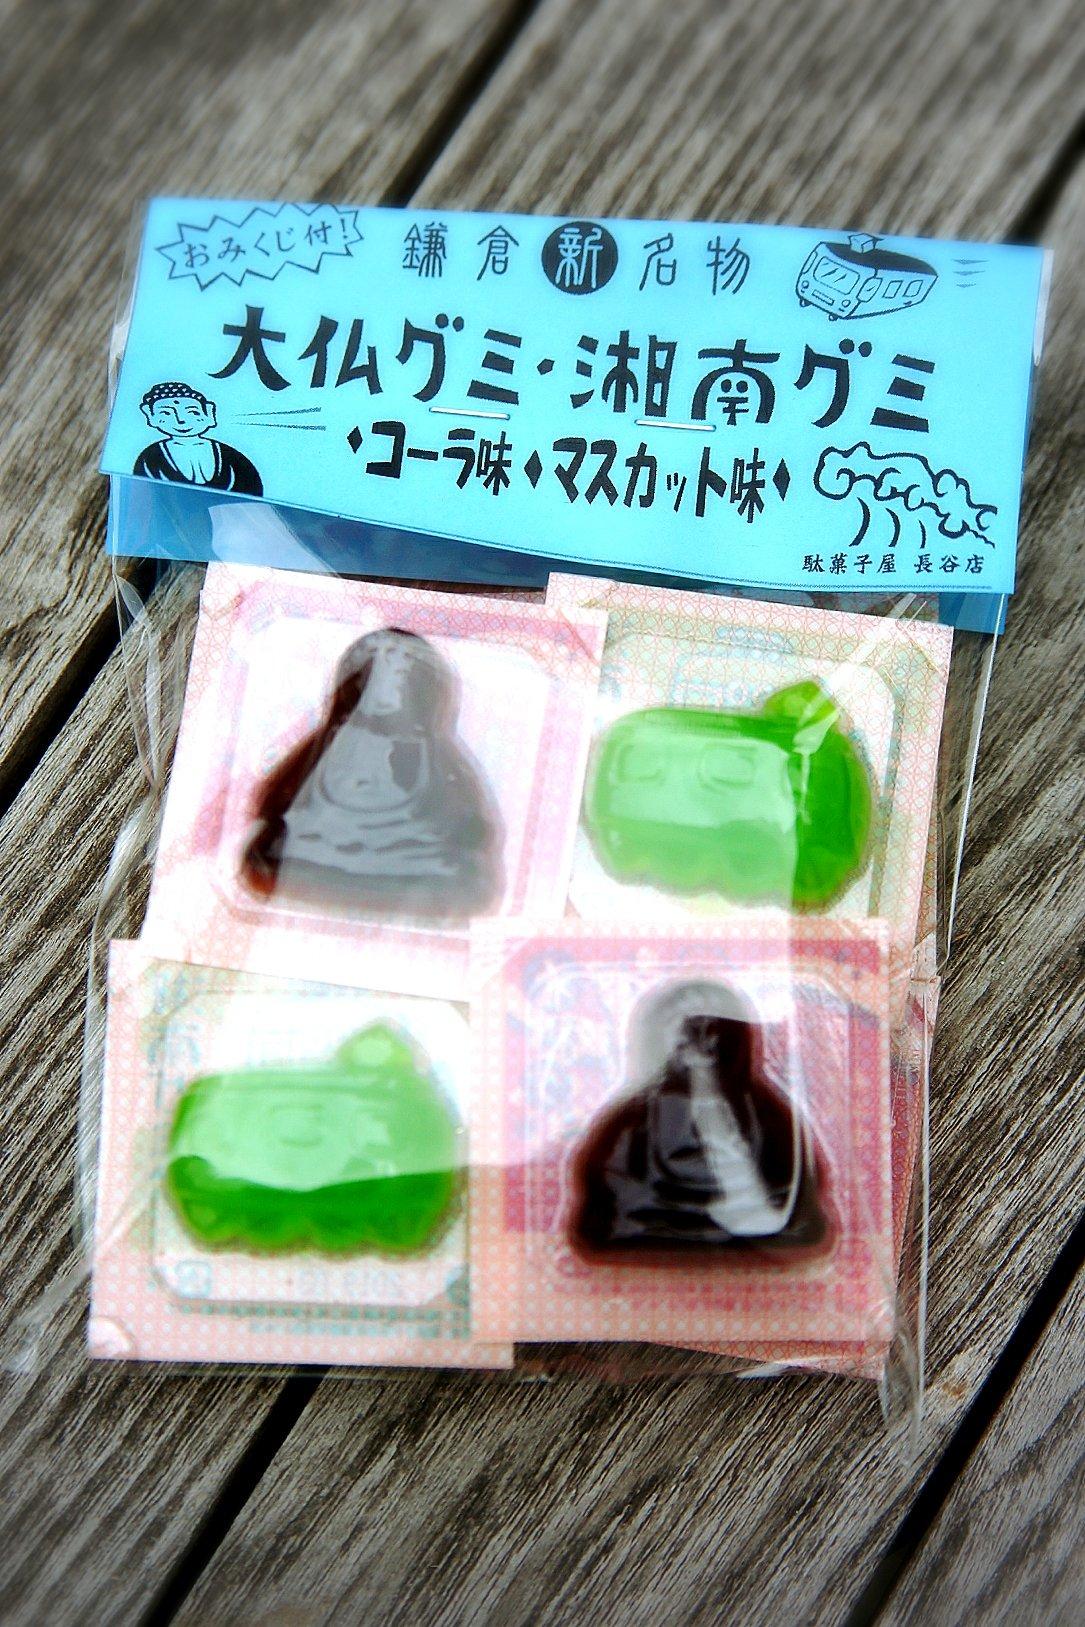 大仏グミ、湘南グミ・コーラ味、マスカット味